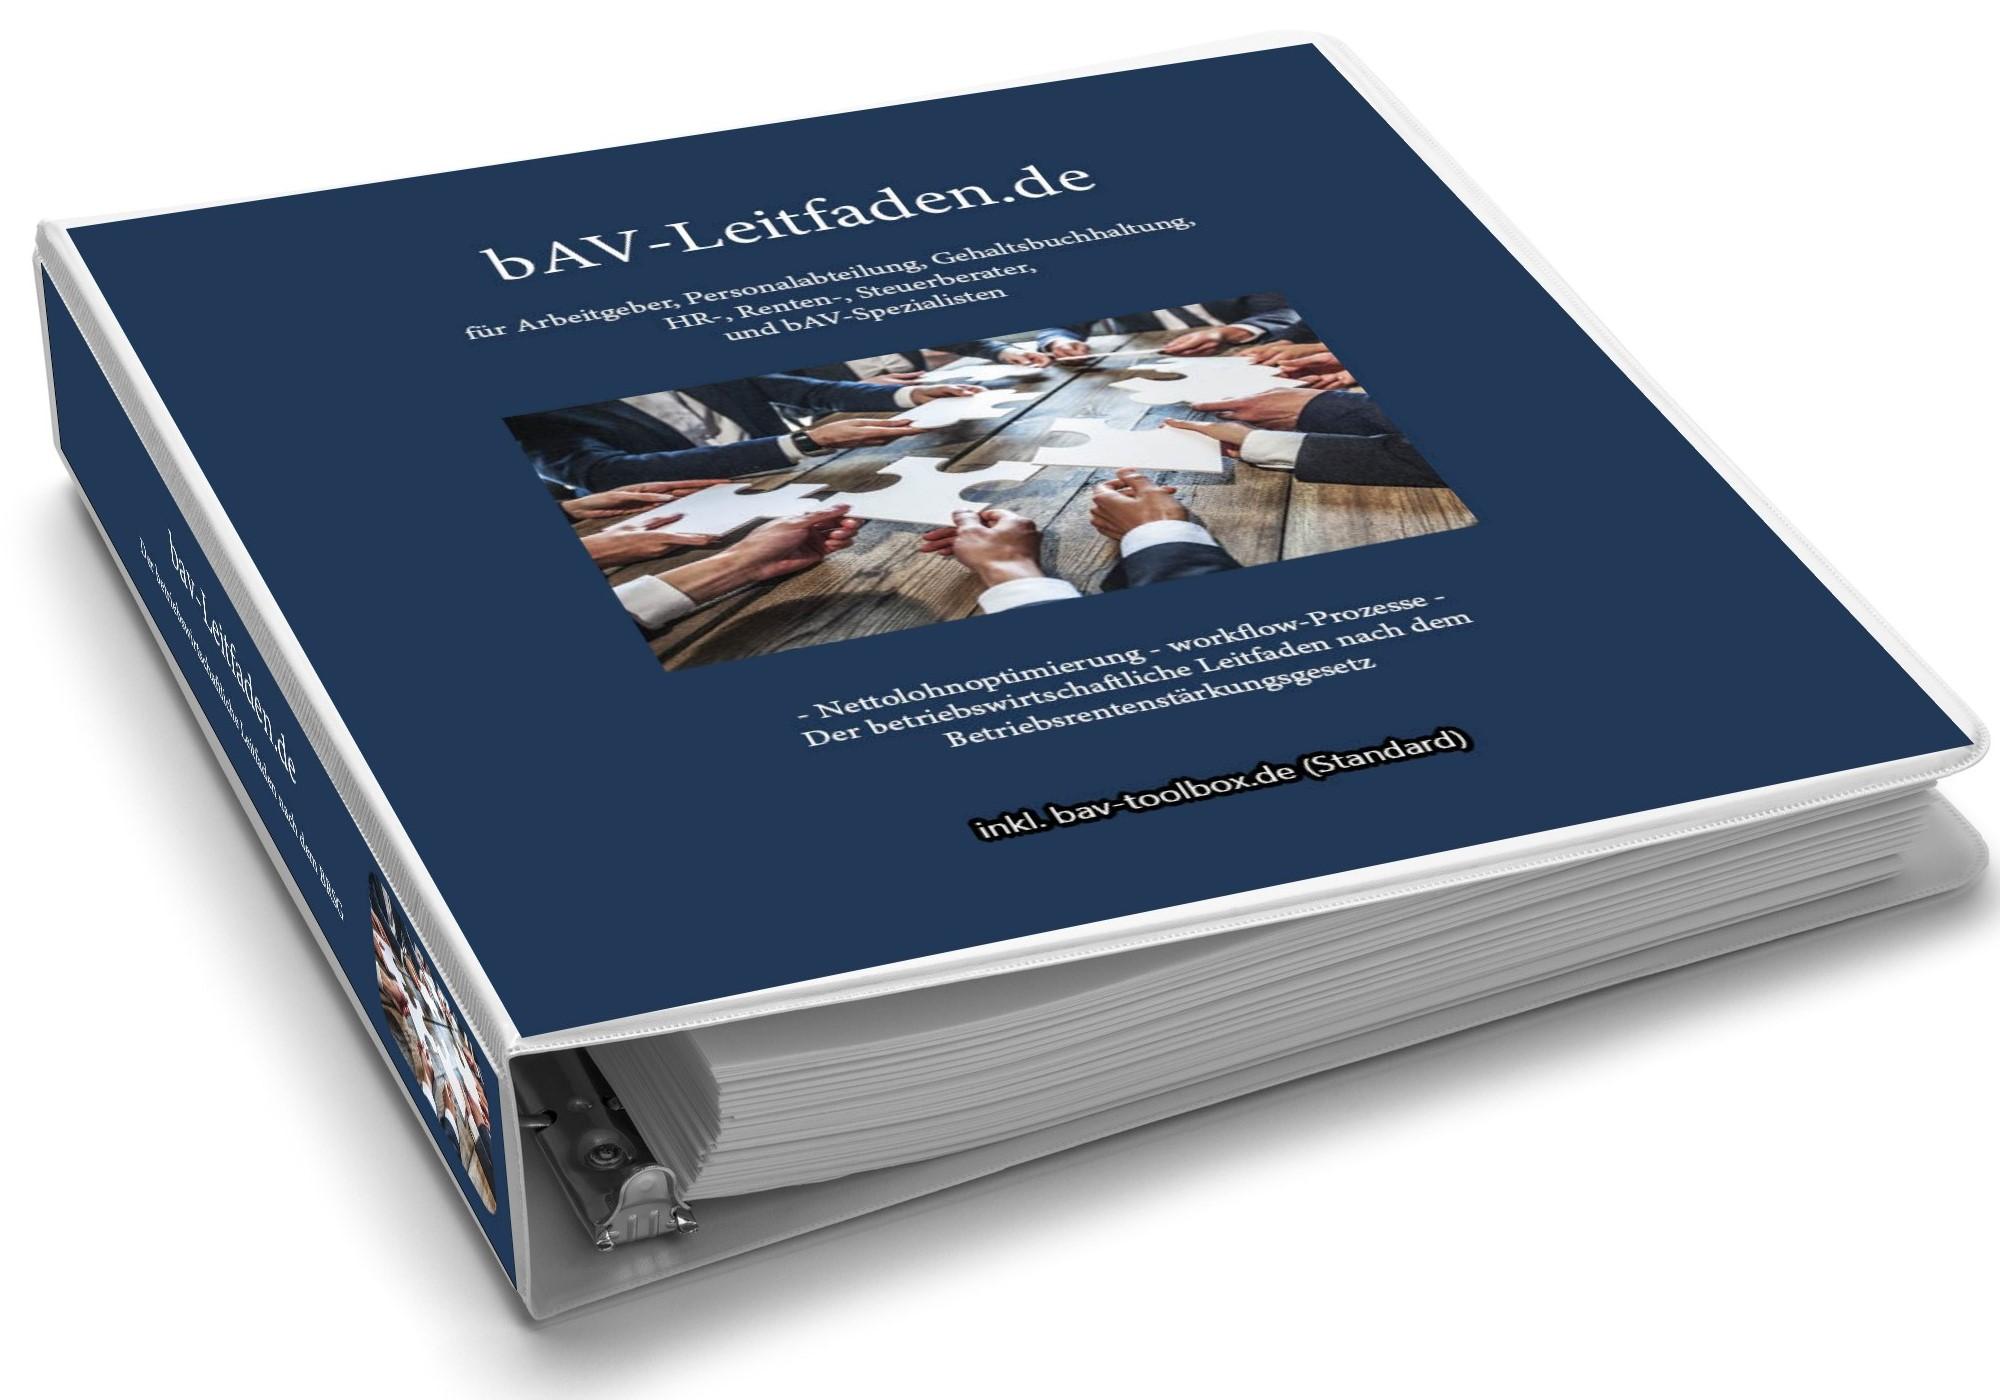 bAV-Leitfaden-Ordner-Der Leitfaden über die betriebliche Altersversorgung für Arbeitgeber, Personalabteilungen, HR und bAV-Berater